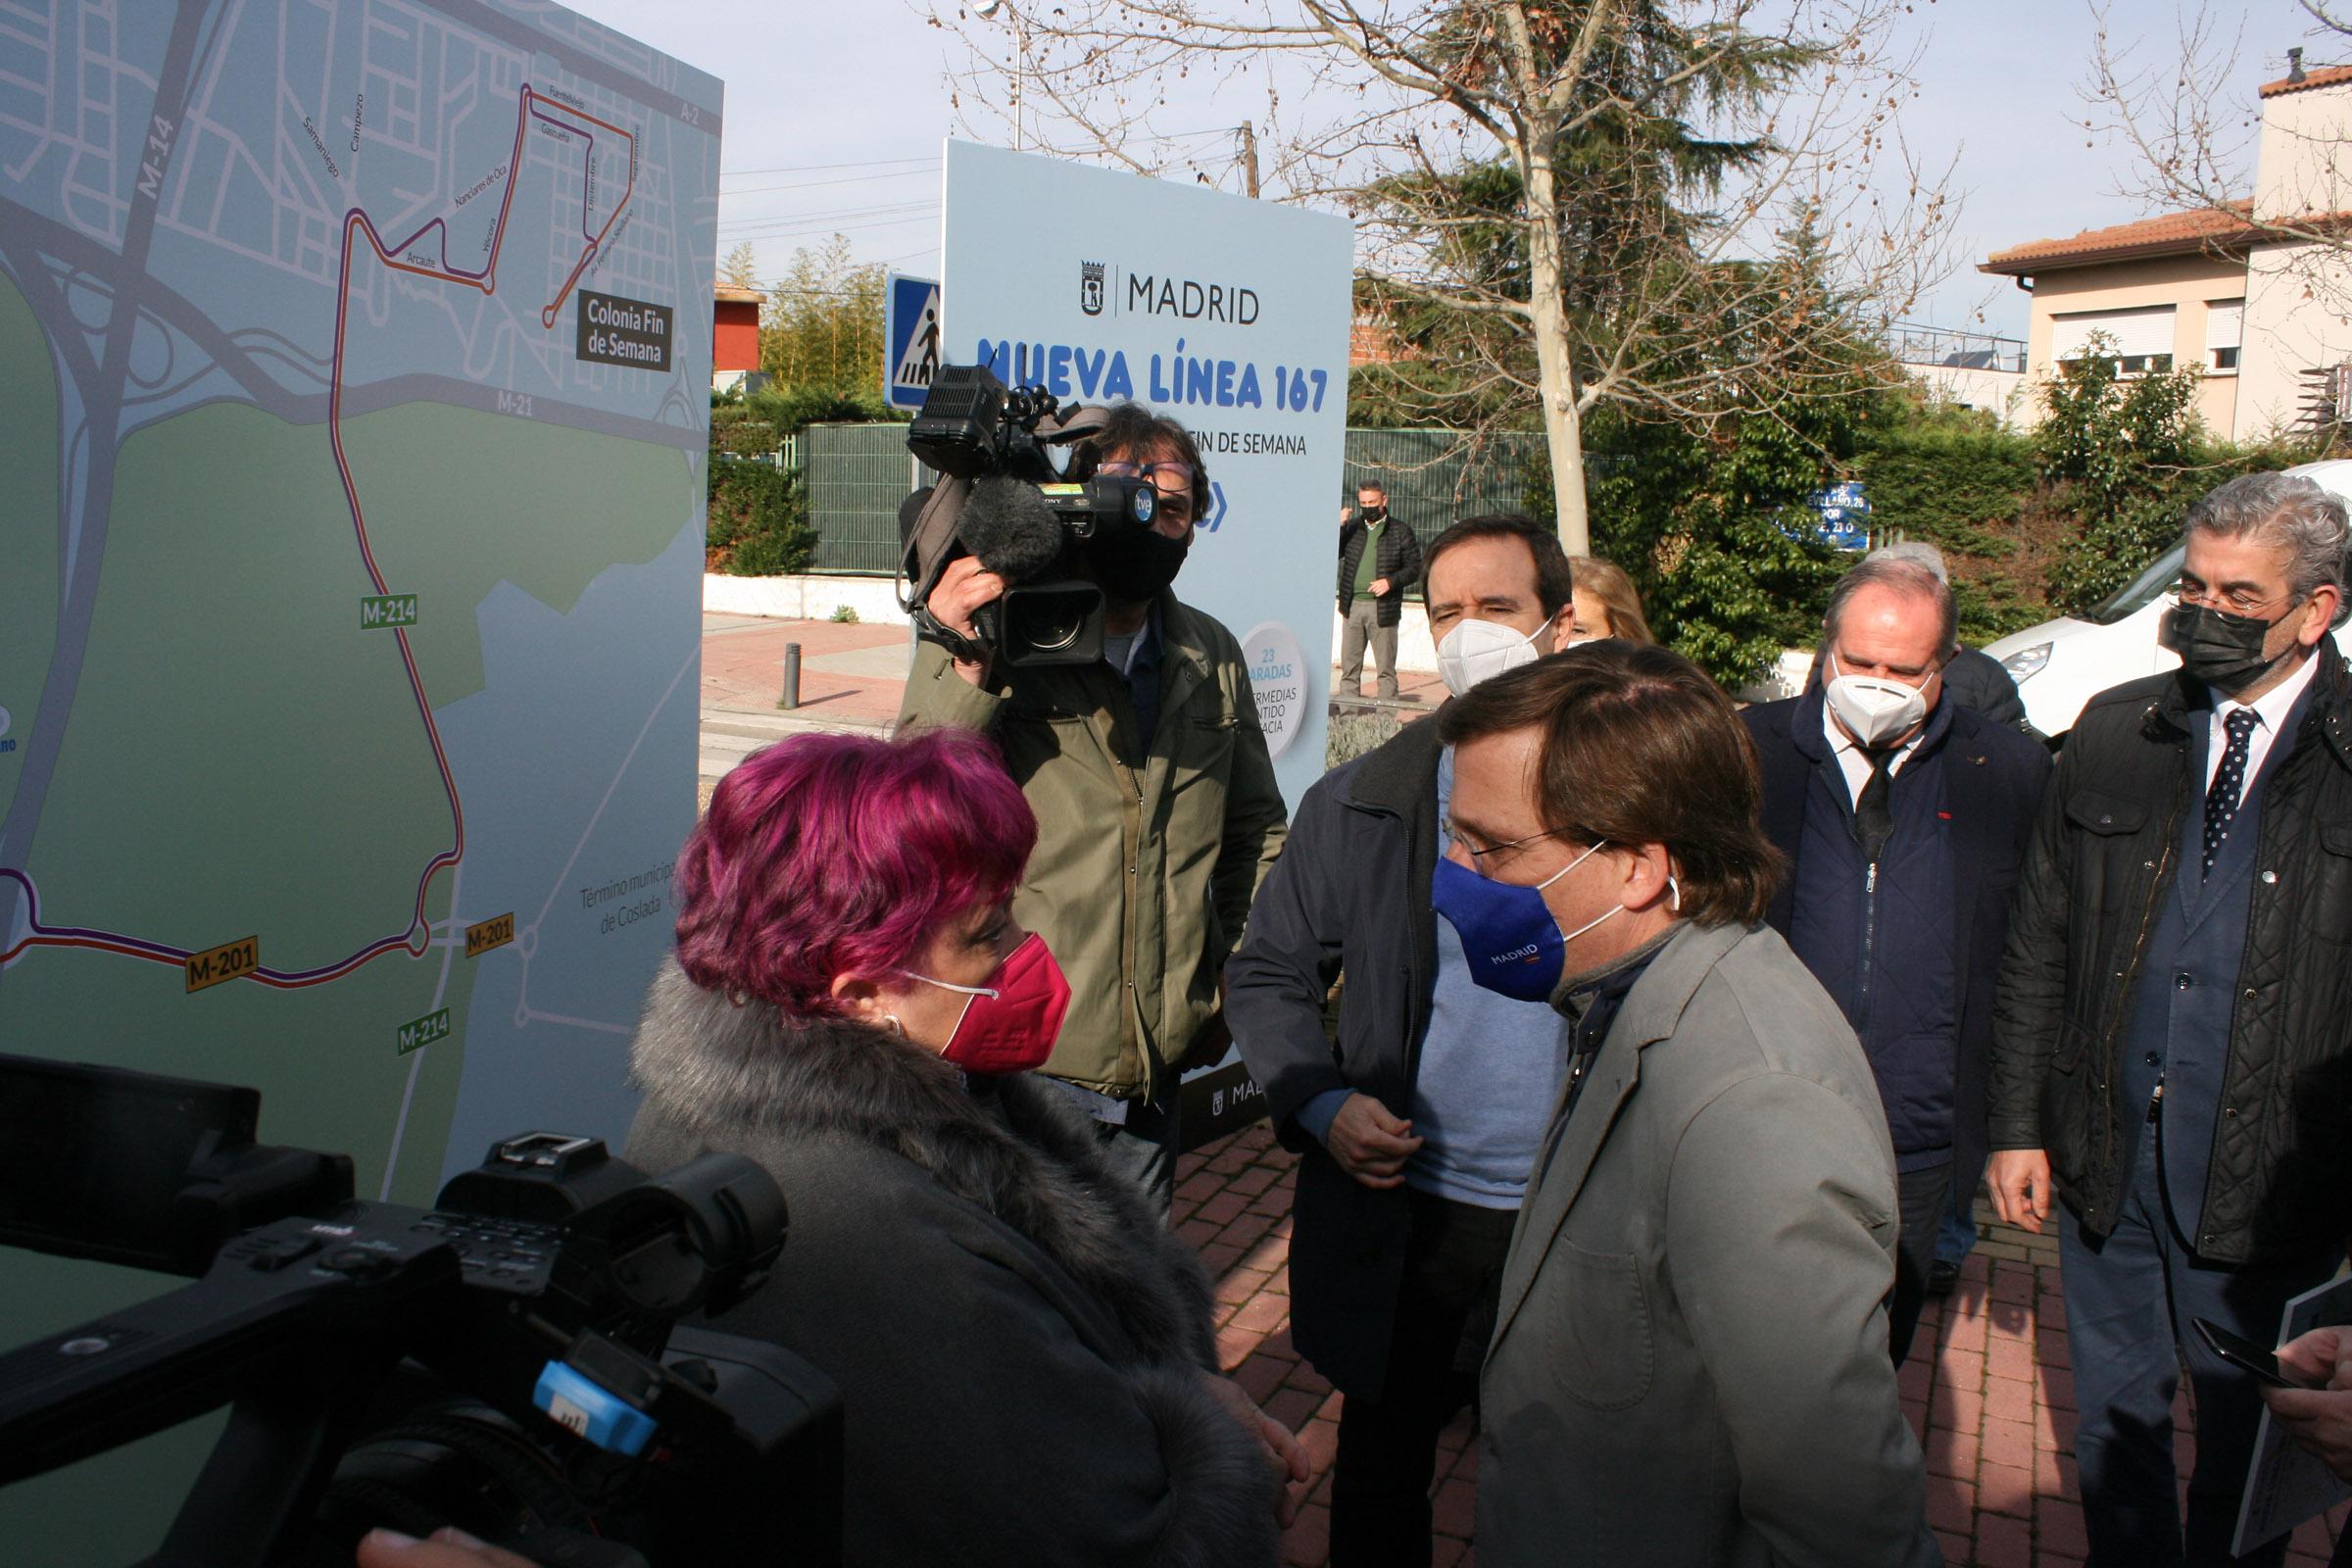 Paloma Lopez asociación ACEH exponiendo al alcalde las quejas y sugerencias vecinales.